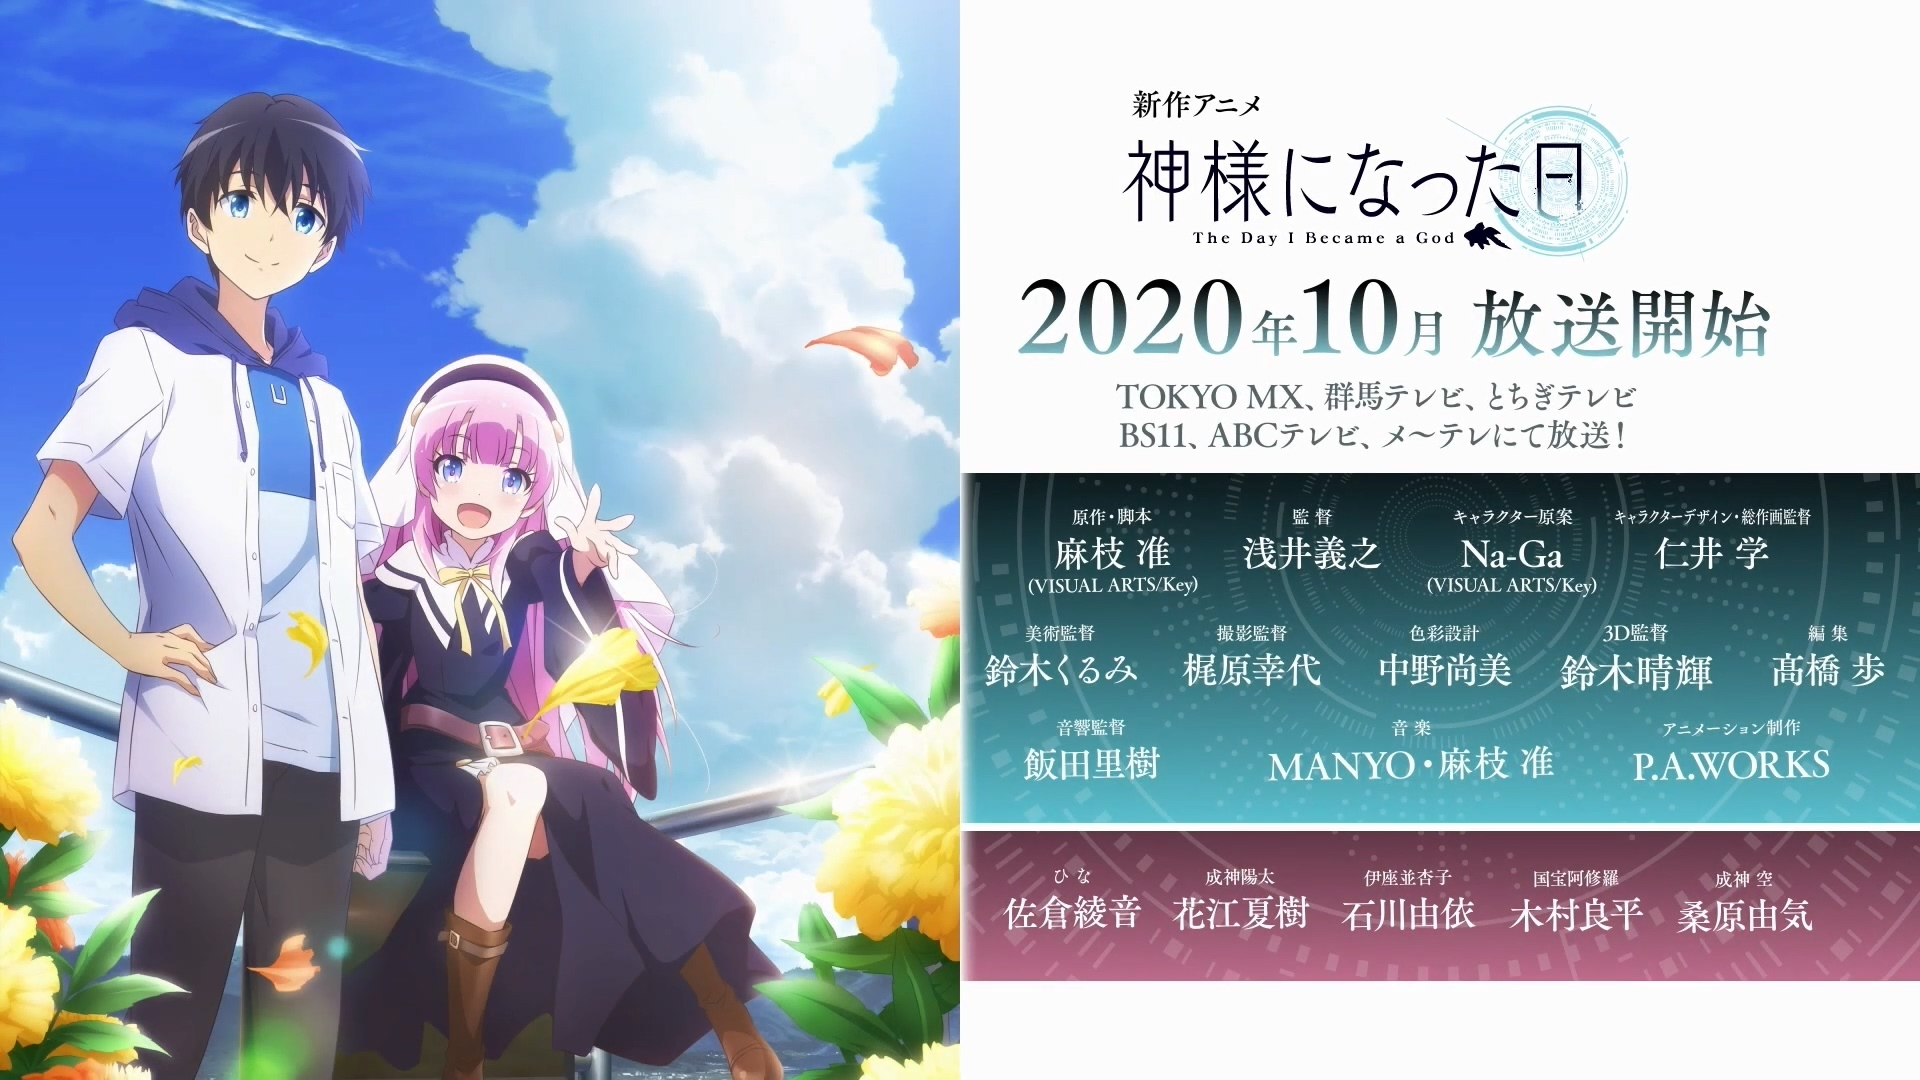 《成神之日》动画发布首部PV,将于今年10月开播